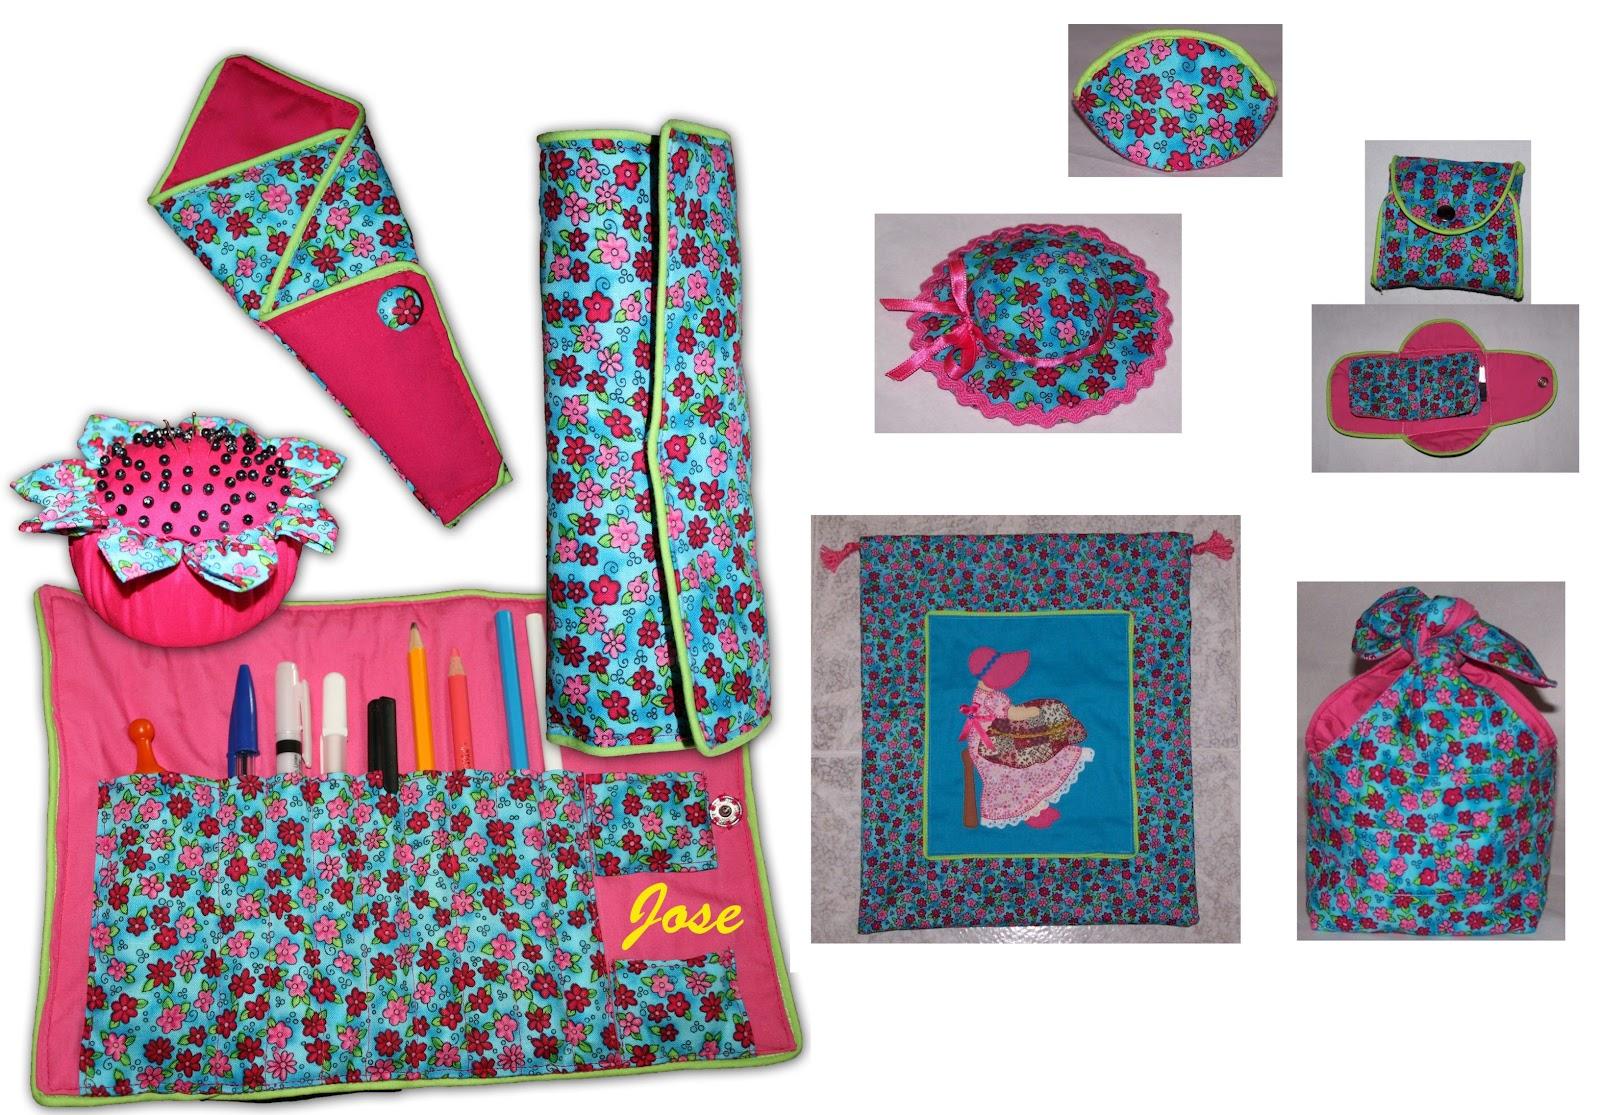 Los hobbies de jose mayo 2012 - Set de costura ...